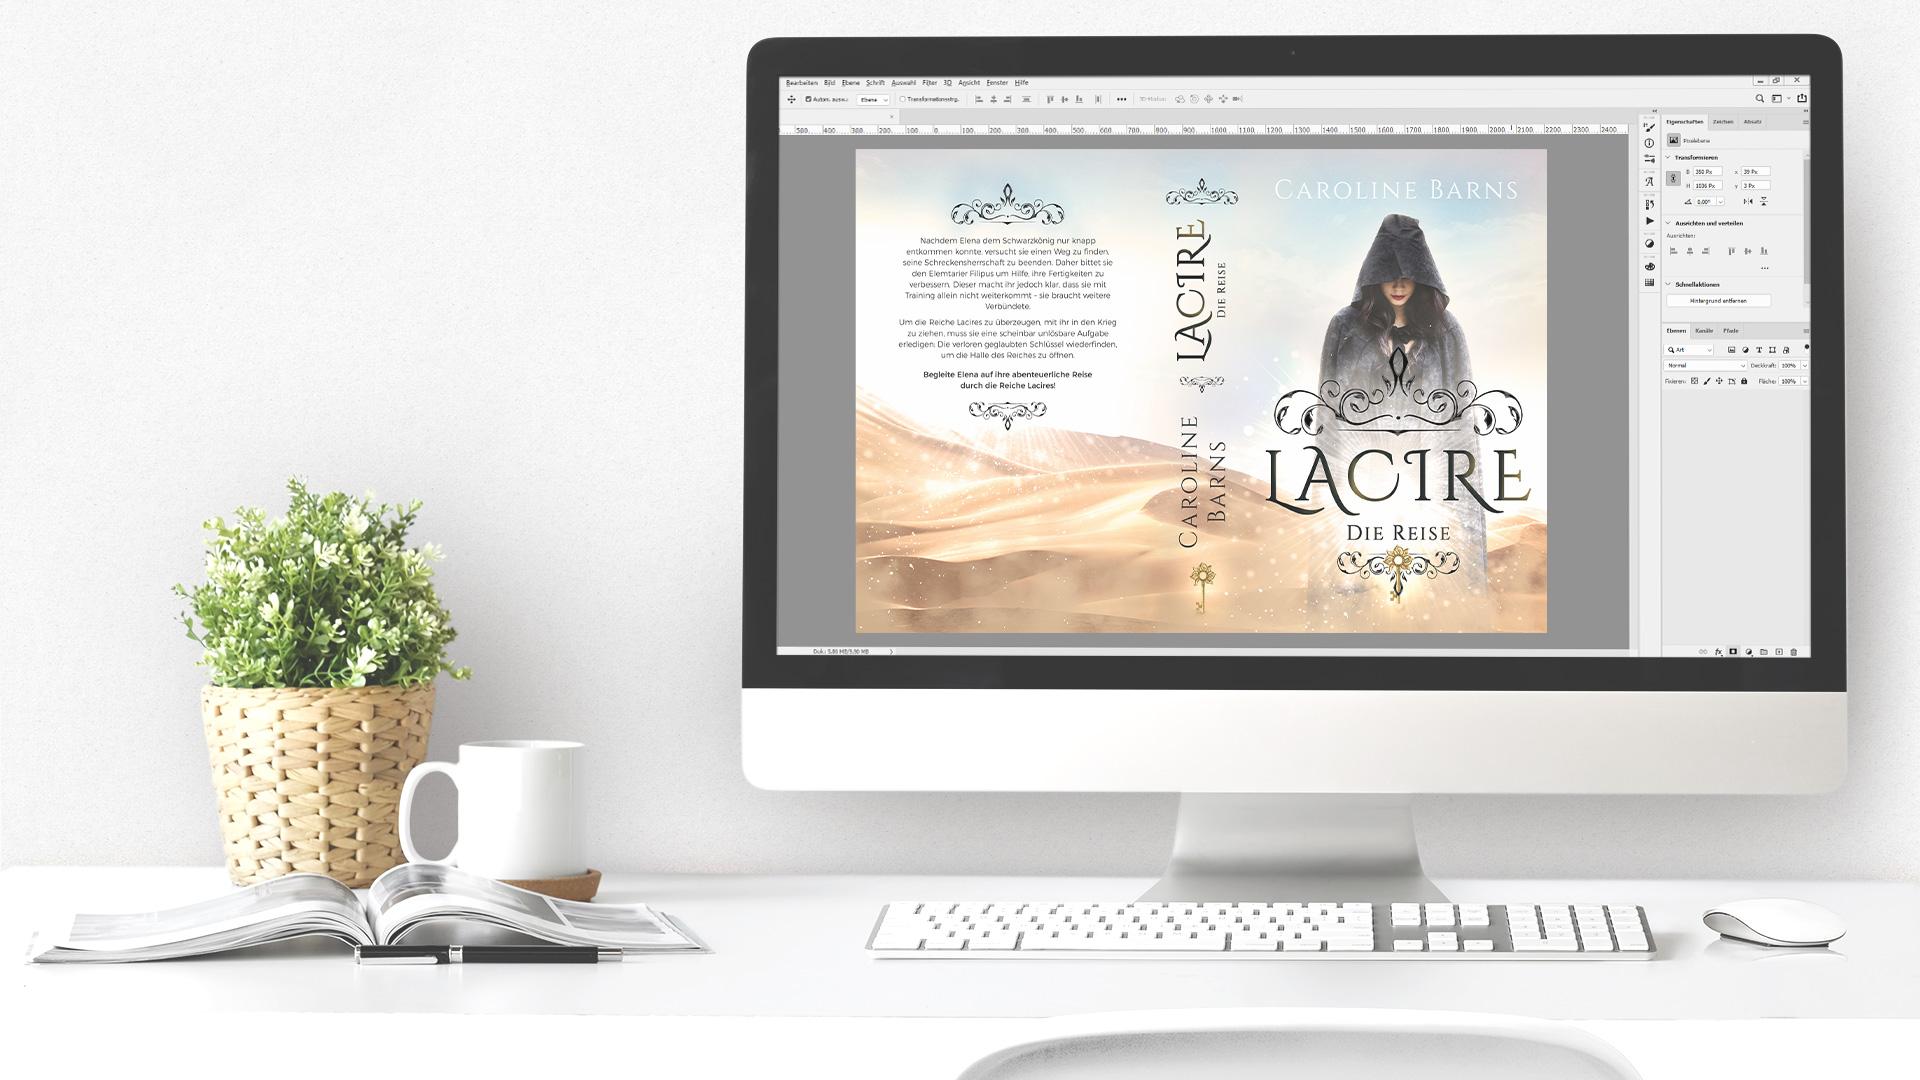 Lacire Bd 2 Cover